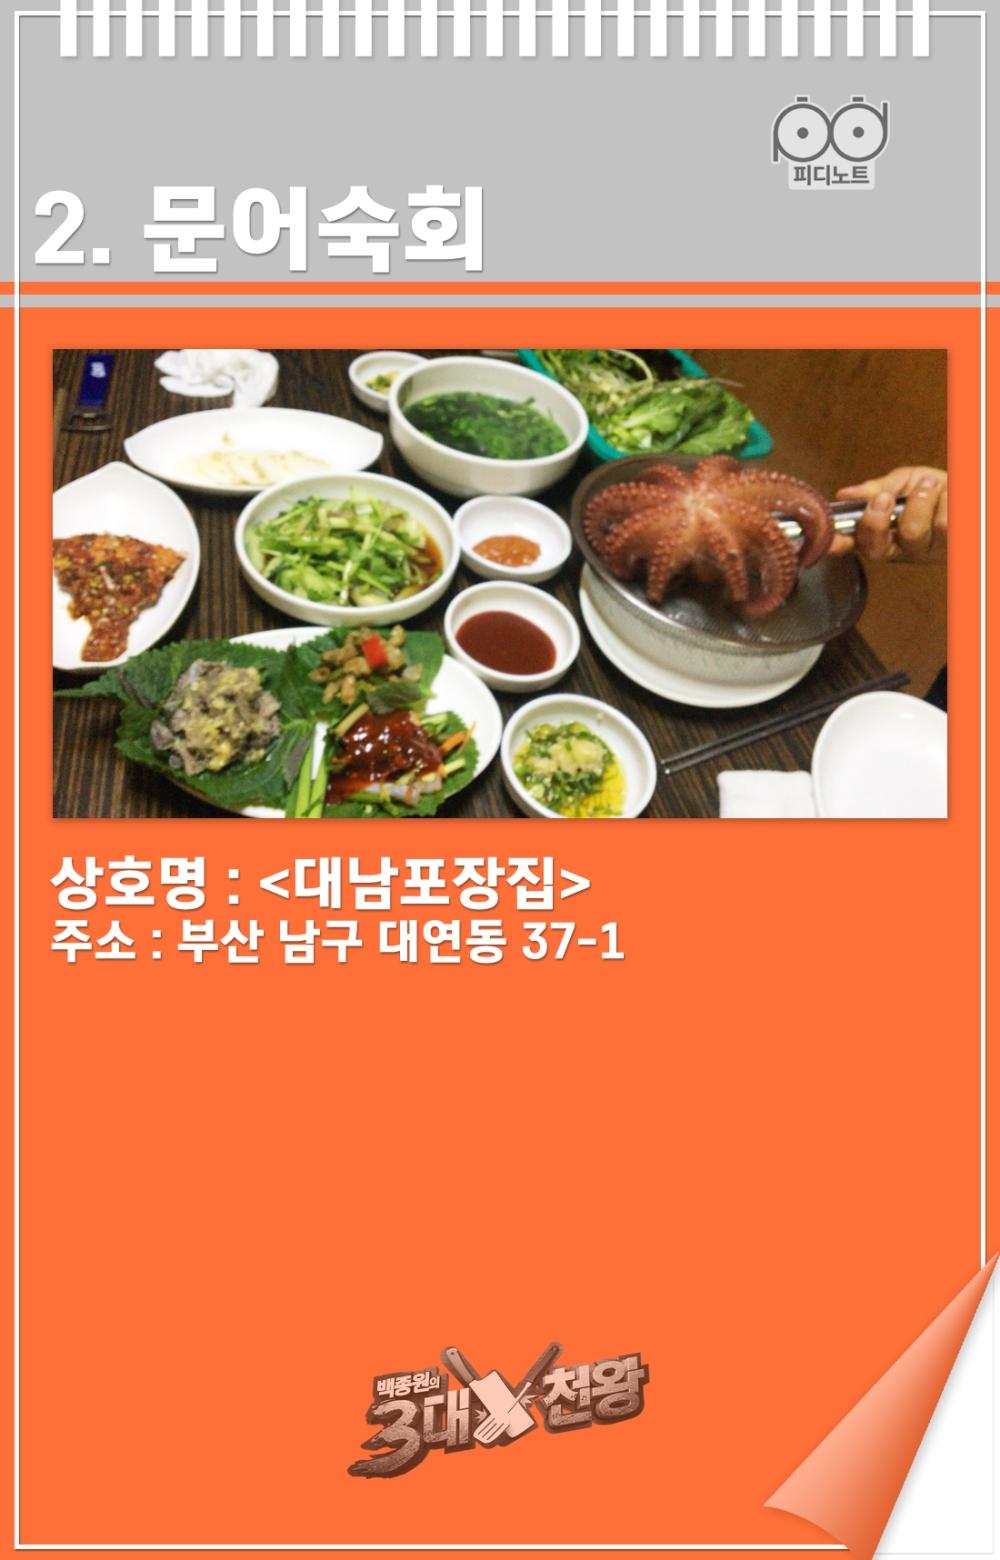 문어숙회부산남구대연동37다시1대남포장집